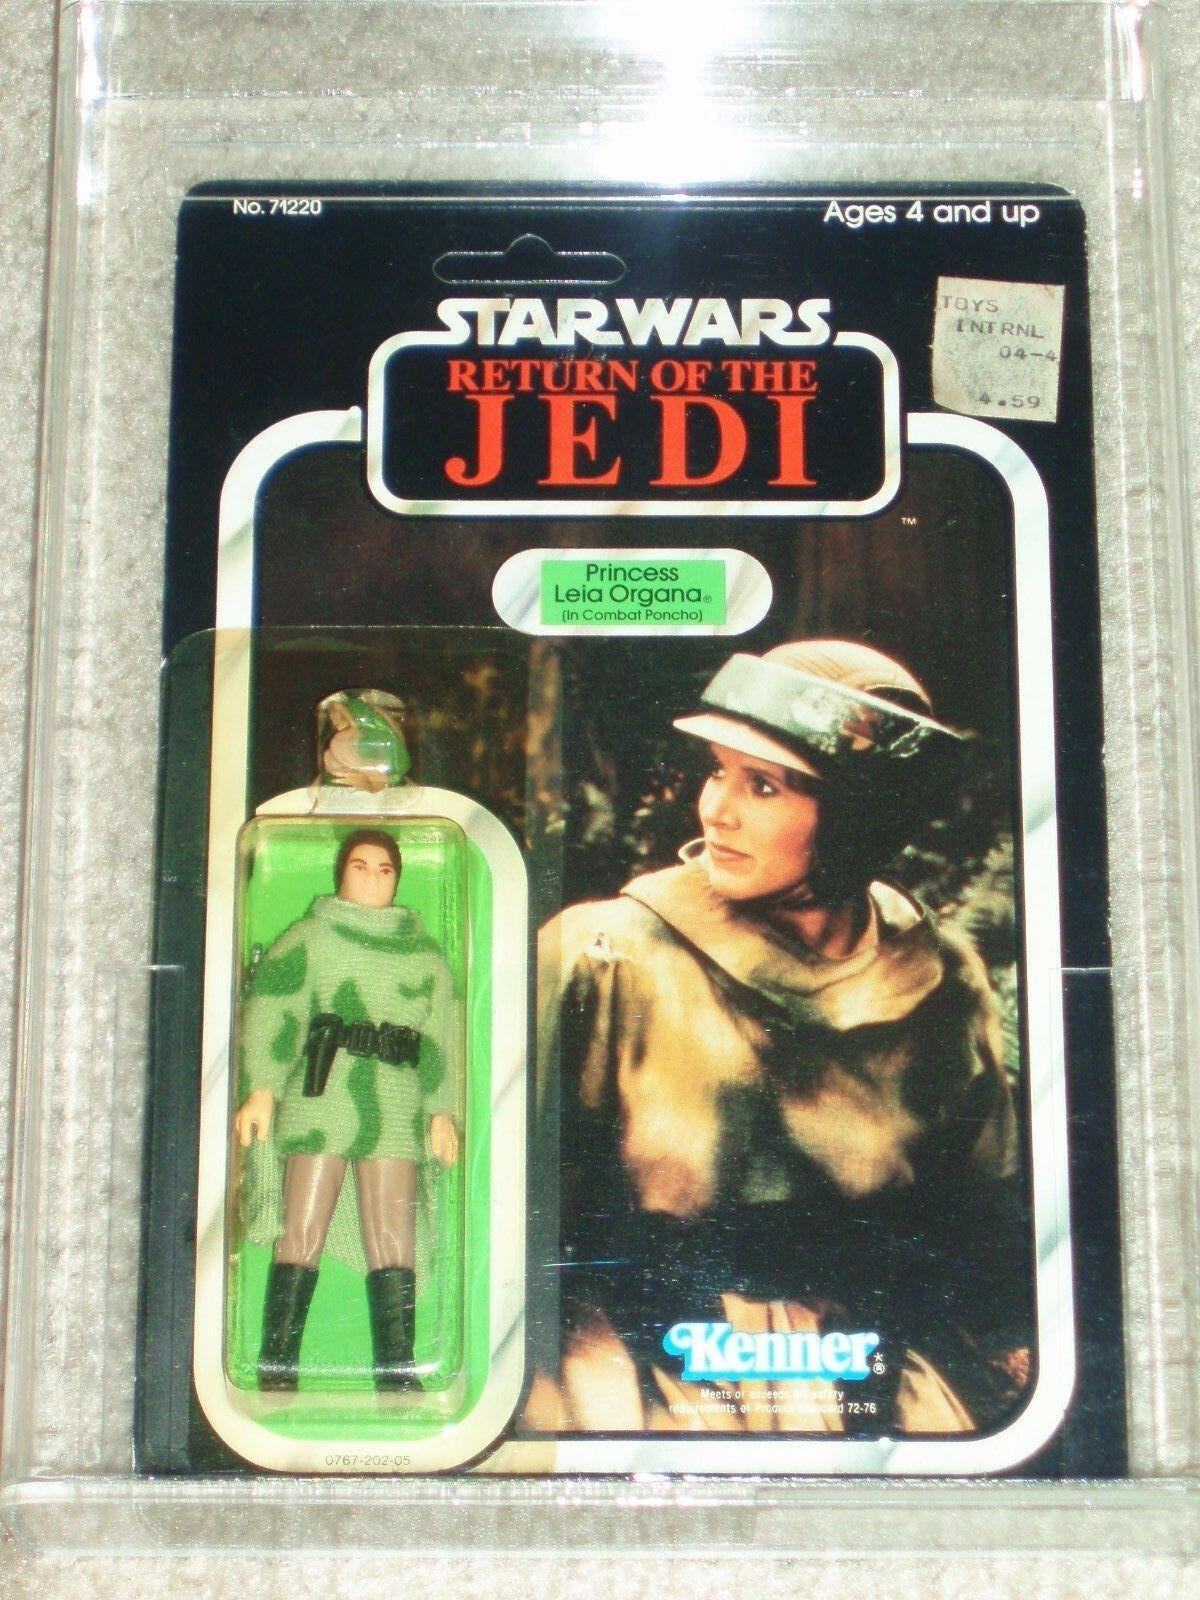 De colección Guerra de las galaxias 1983 Figura de Acción autoridad 80 Princesa Leia Combat Poncho retorno de las Jedi Tarjeta Menta en tarjeta UNP